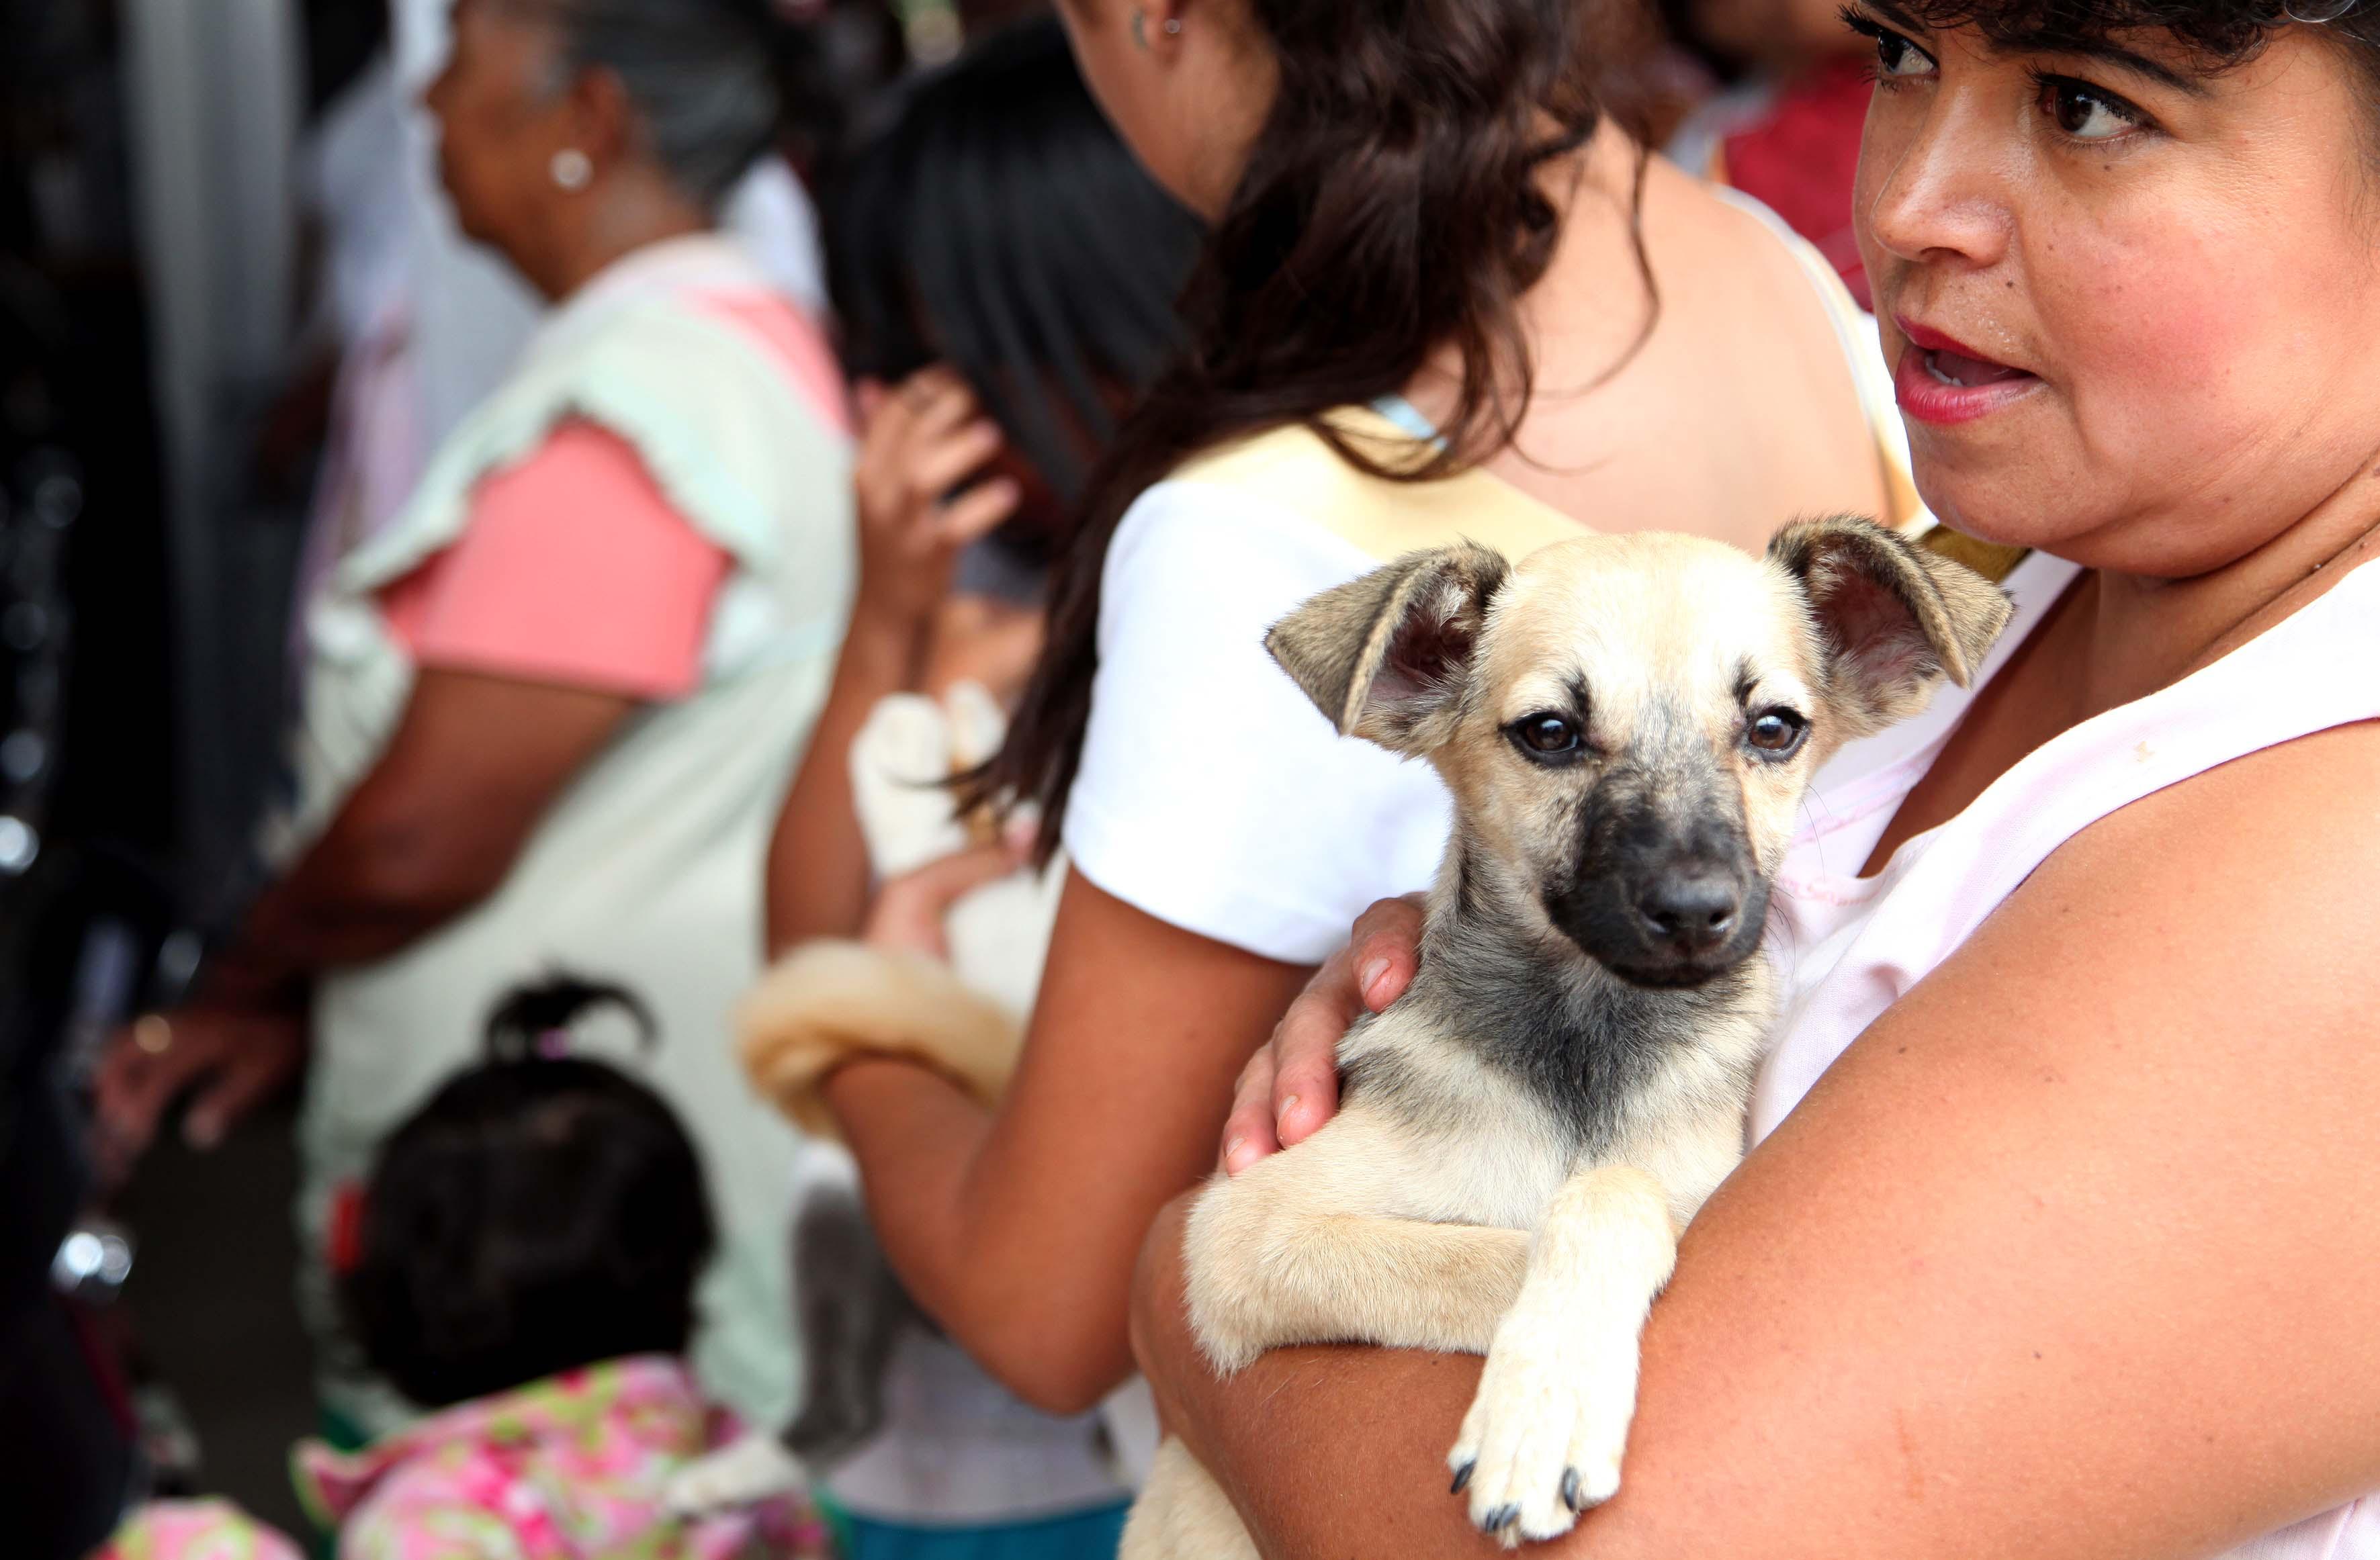 Mujere llevando su mascota a esterelizar